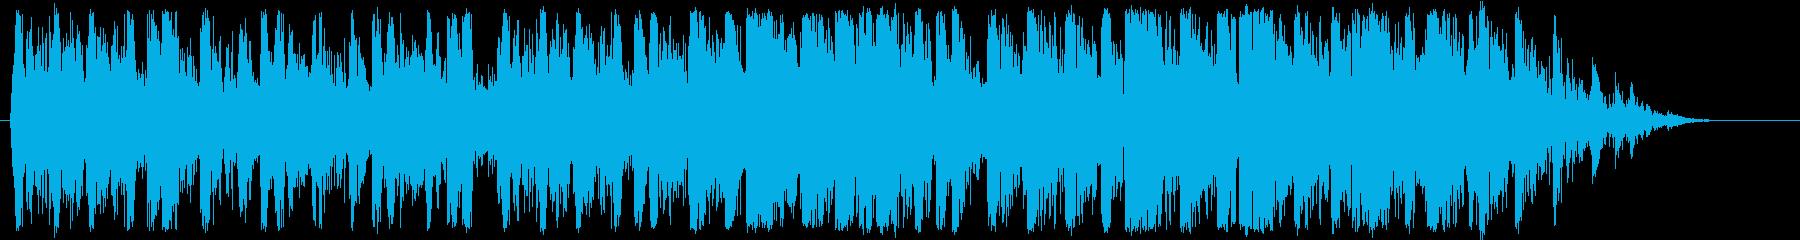 ドラムの再生済みの波形